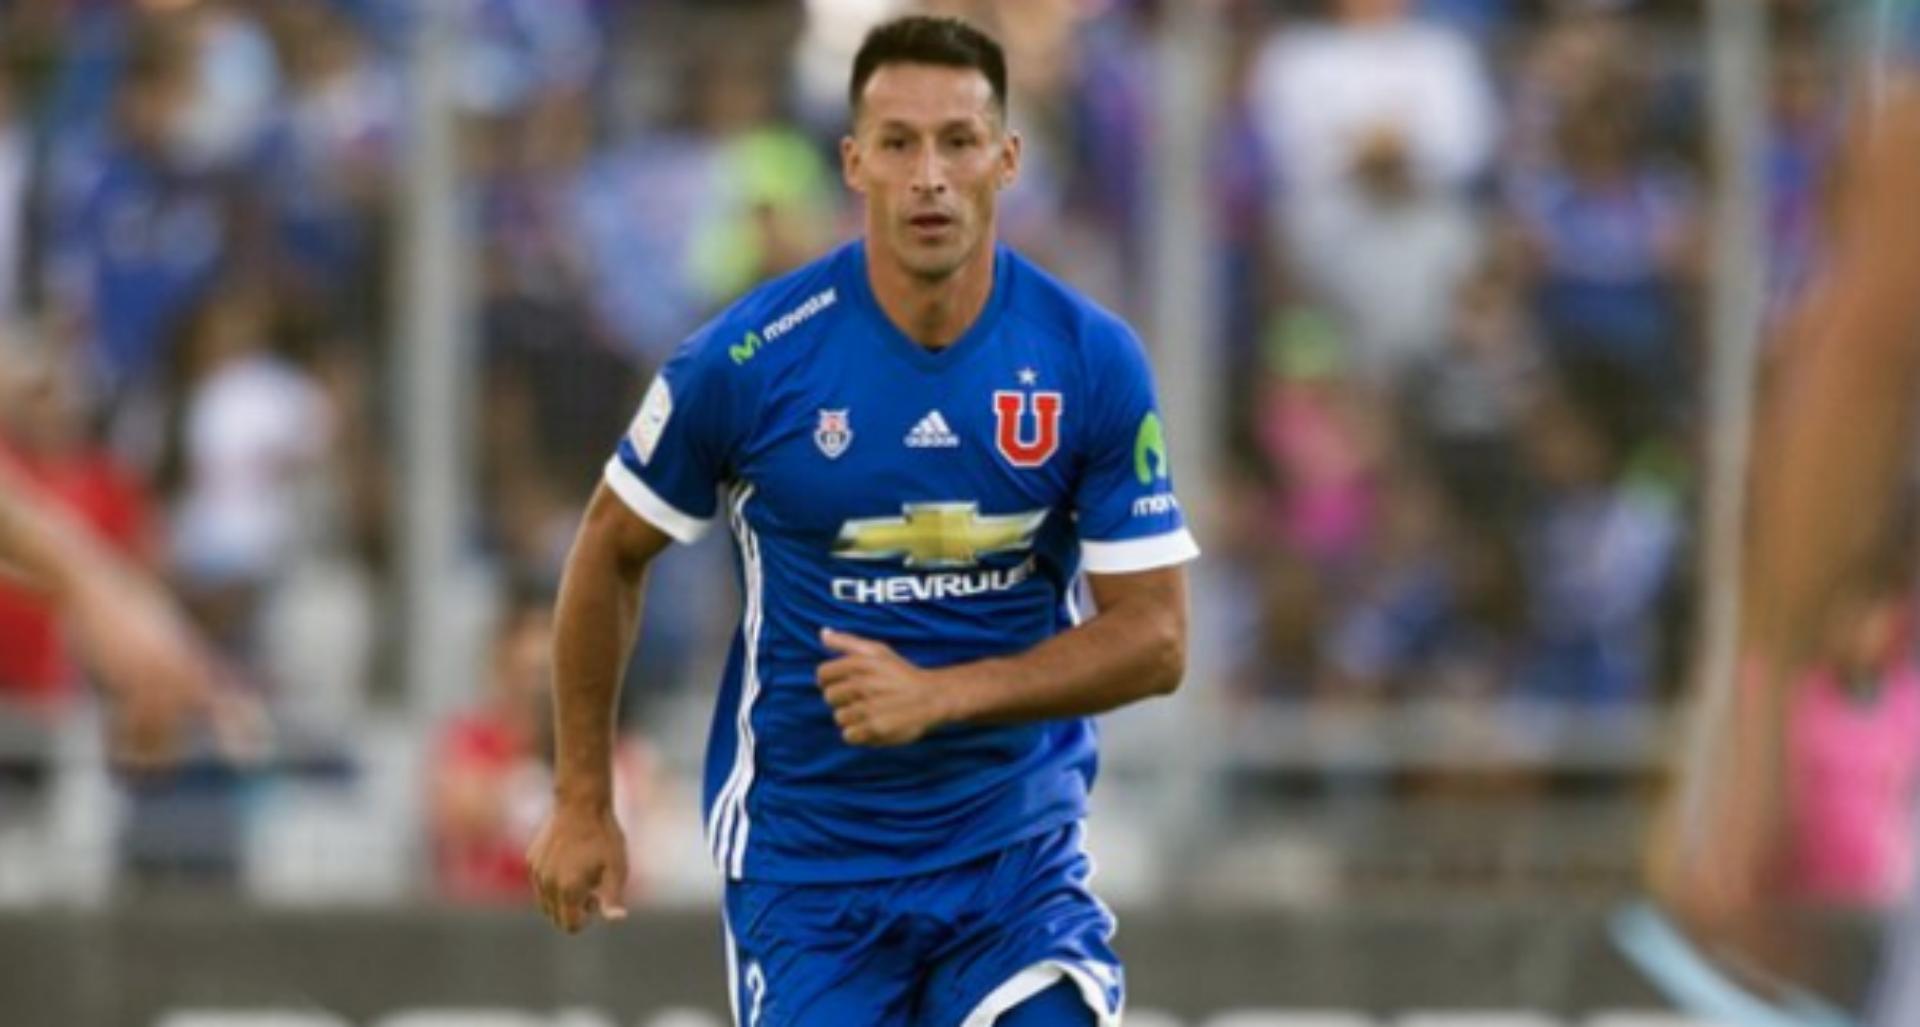 La U sin guardián: Johnny Herrera no jugará ante Audax Italiano